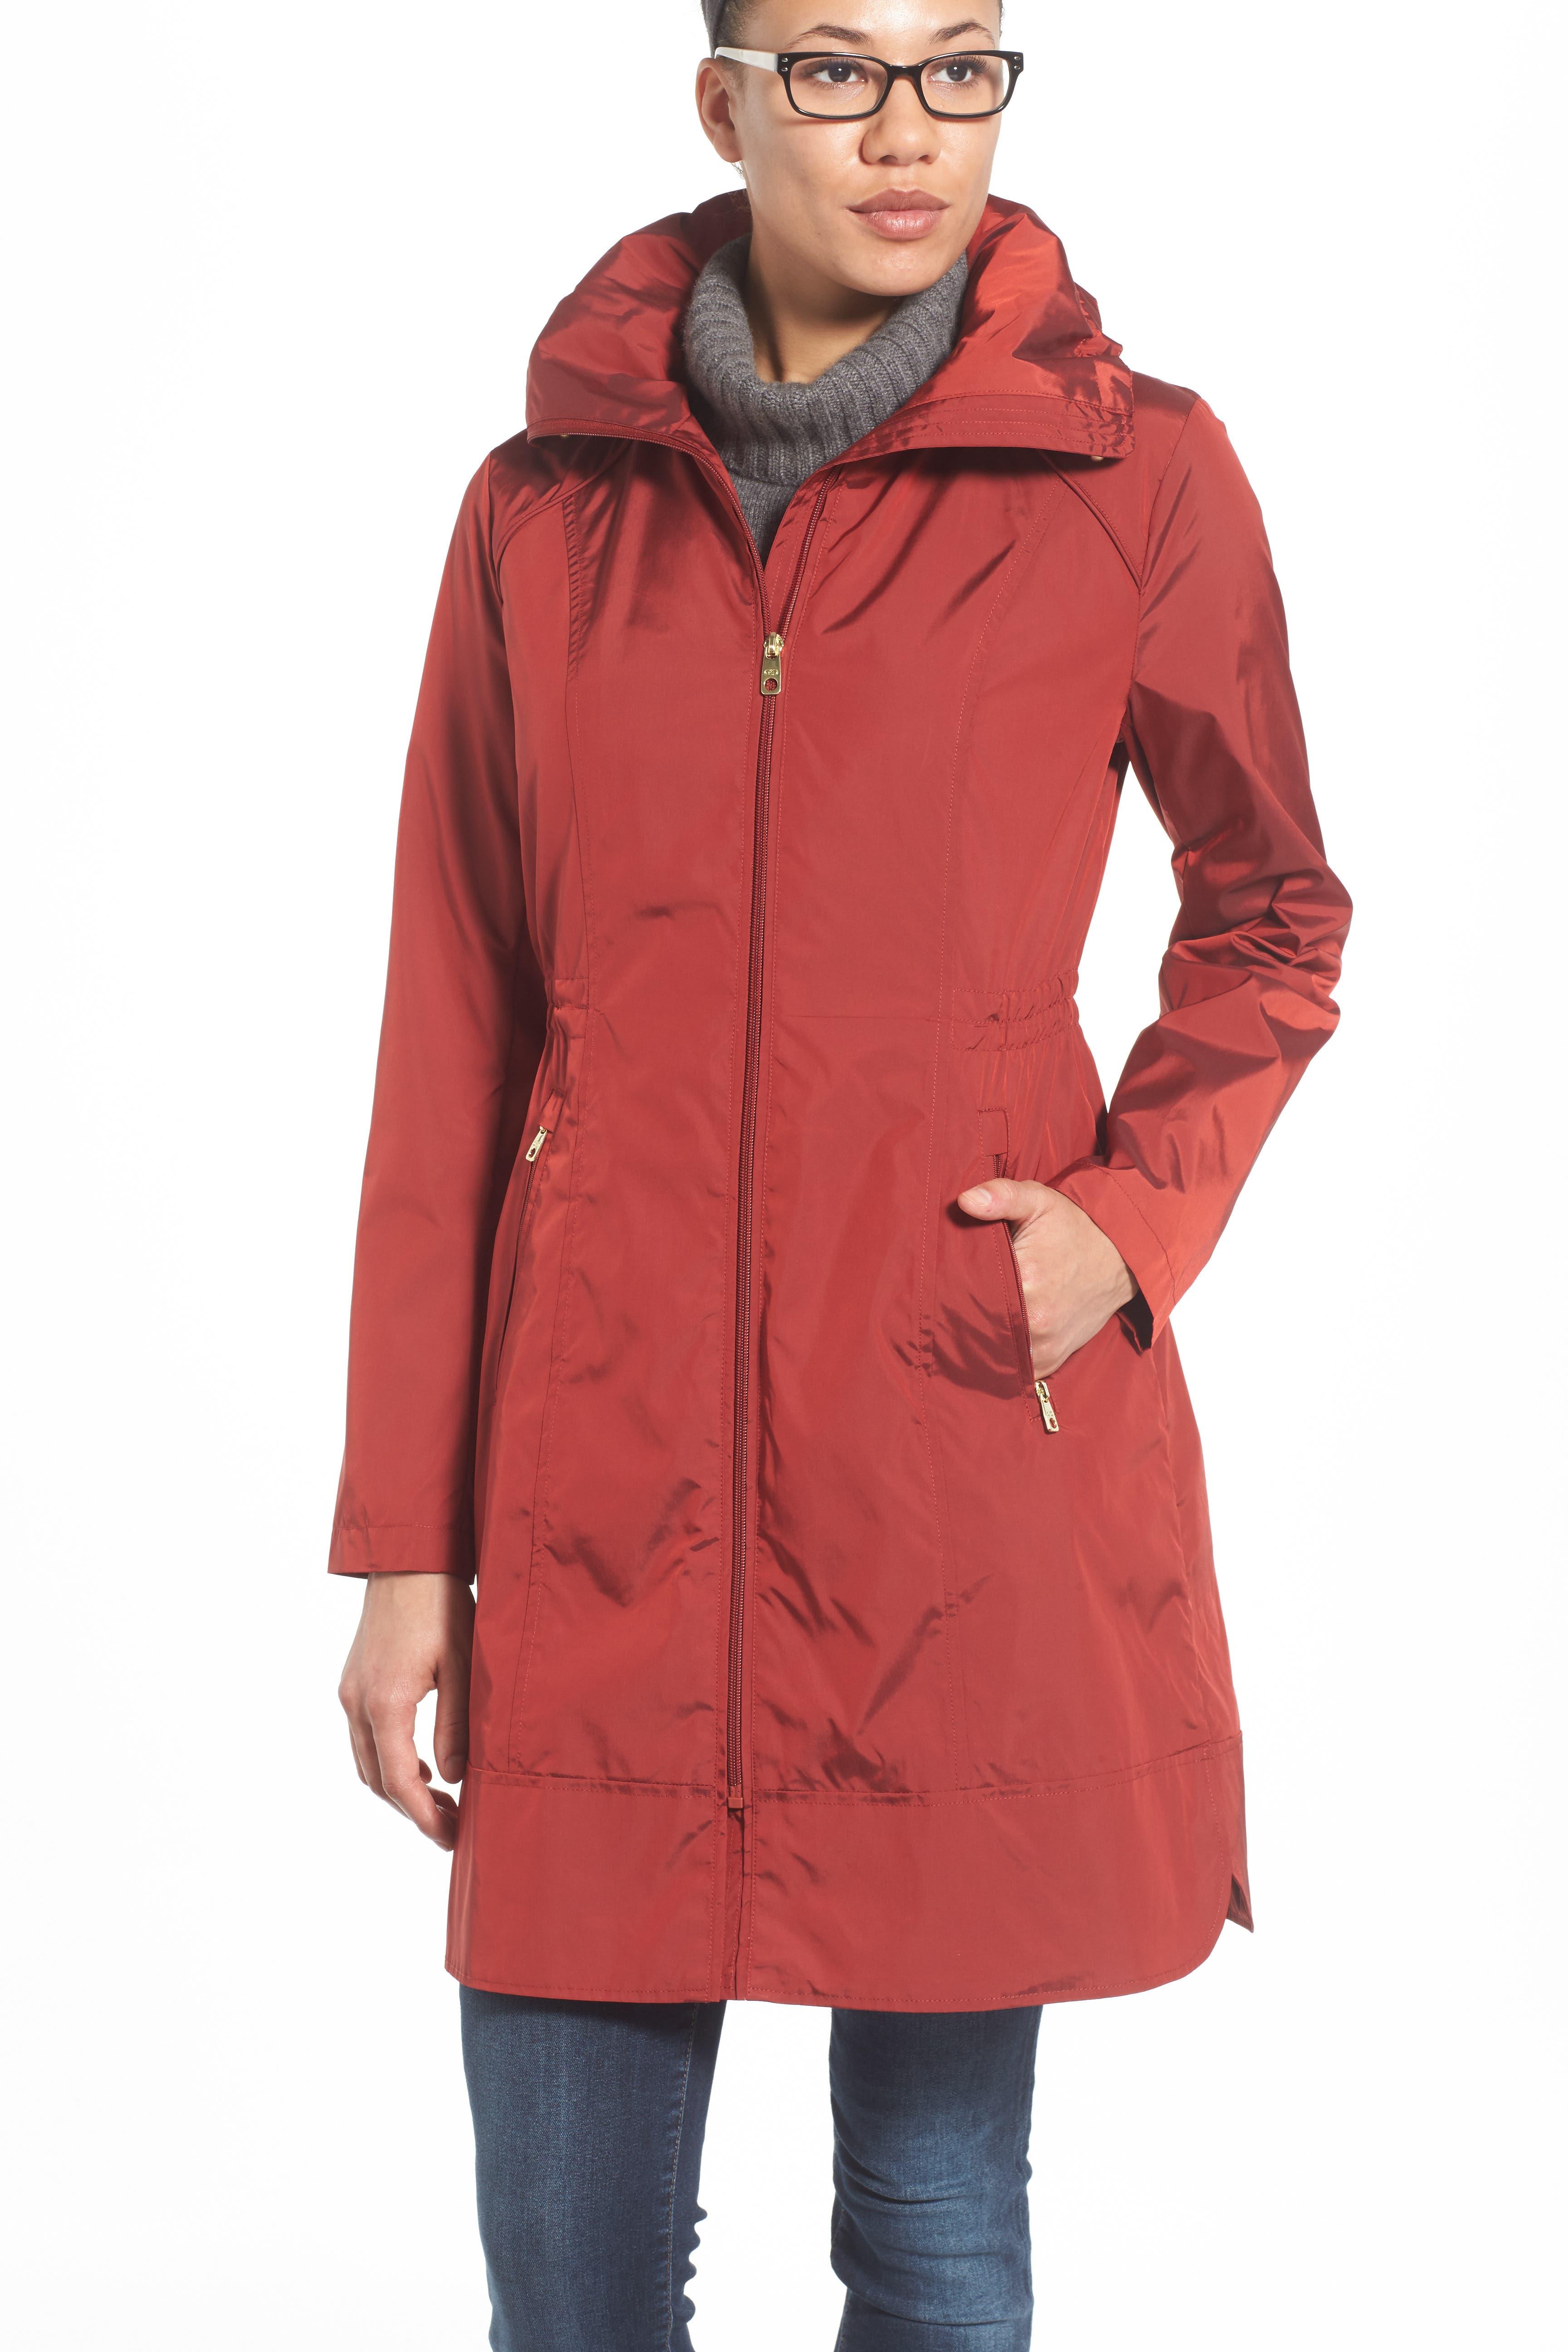 Packable Rain Jacket,                             Alternate thumbnail 2, color,                             639